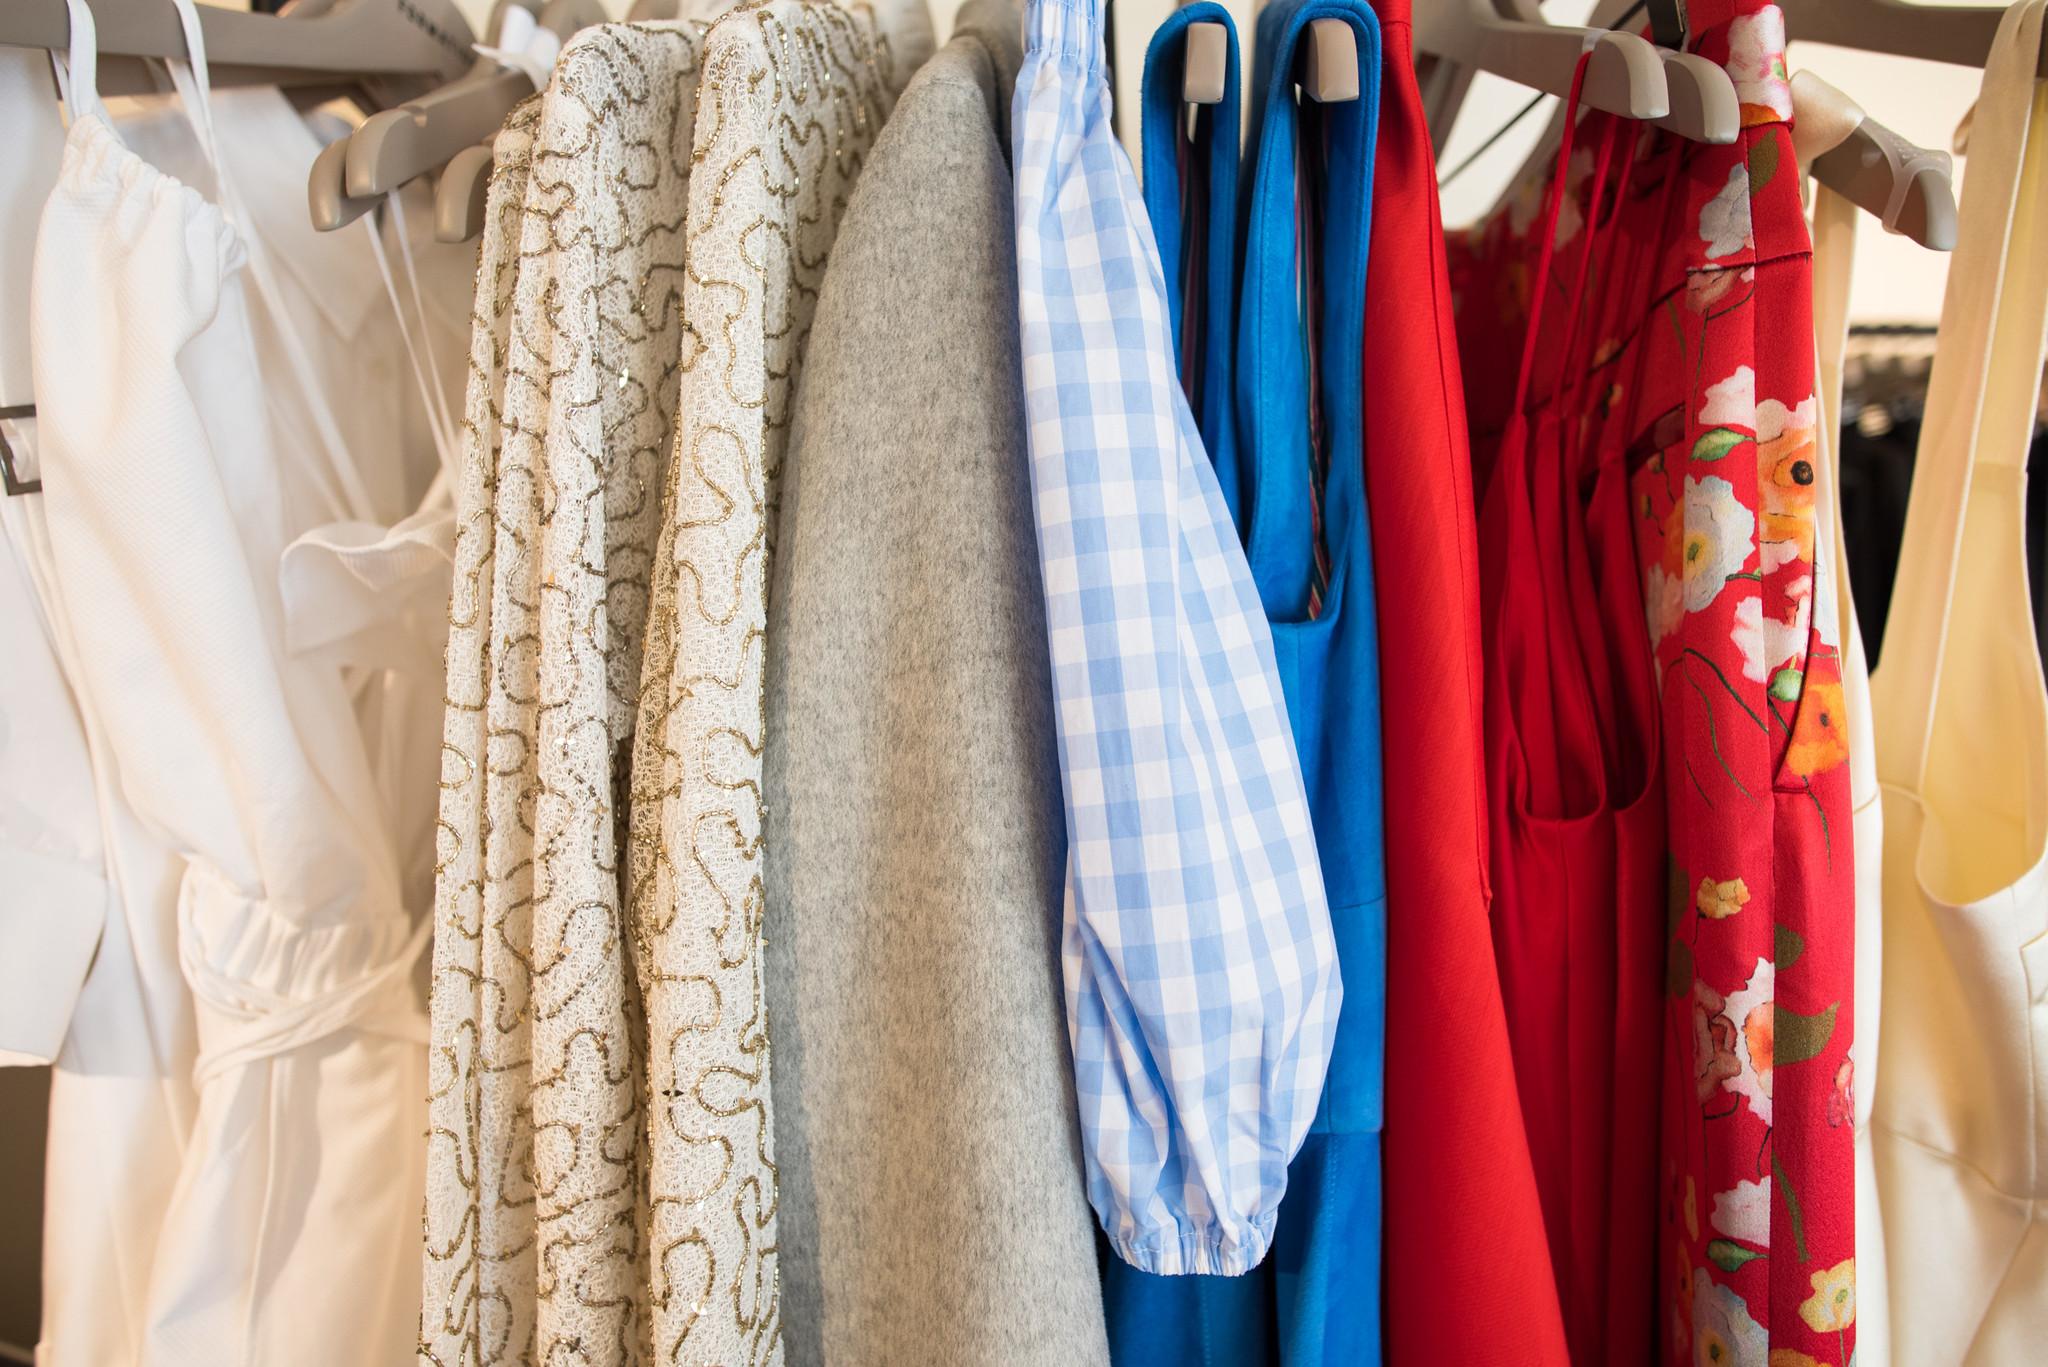 Formation Boutique Clothes